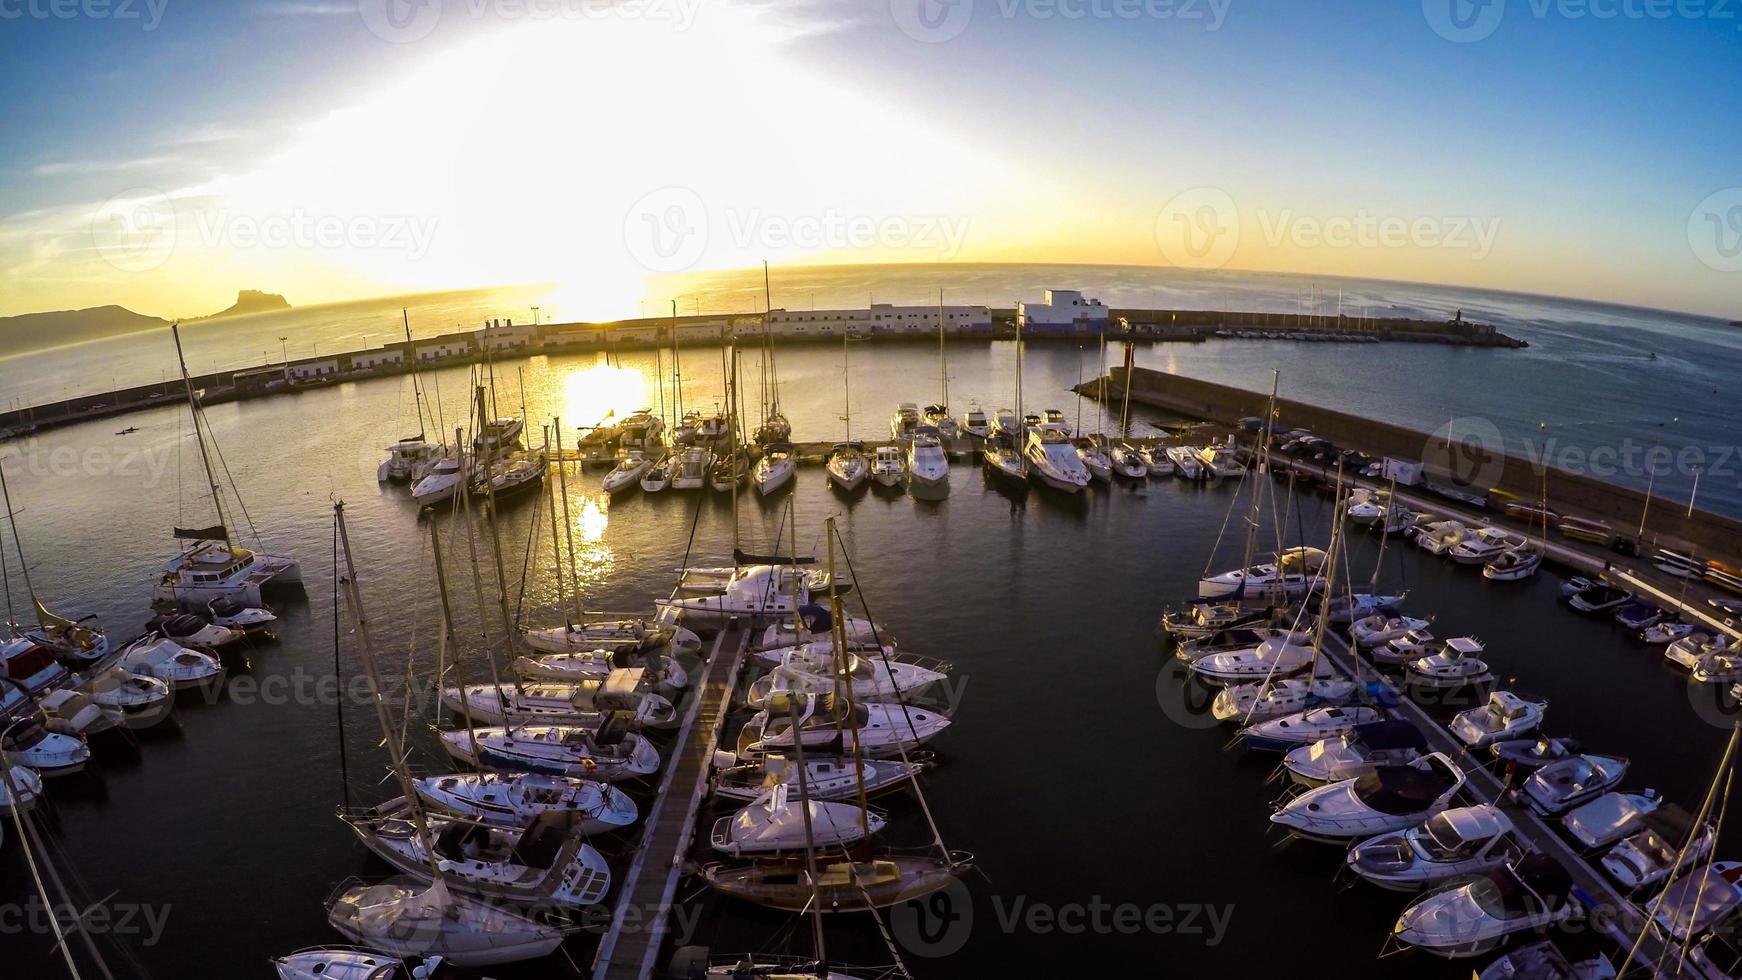 vista superior del yate marina en español costa blanca - altea foto